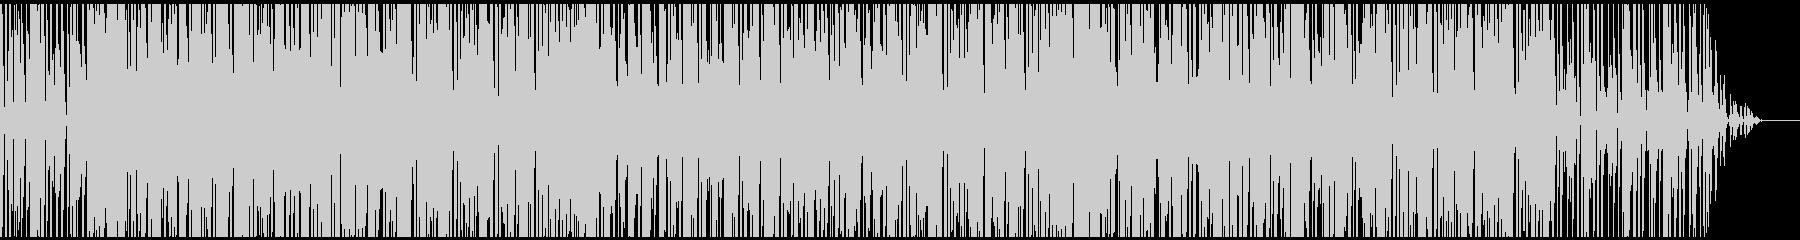 ヒップホップラップは、ボーカルフッ...の未再生の波形